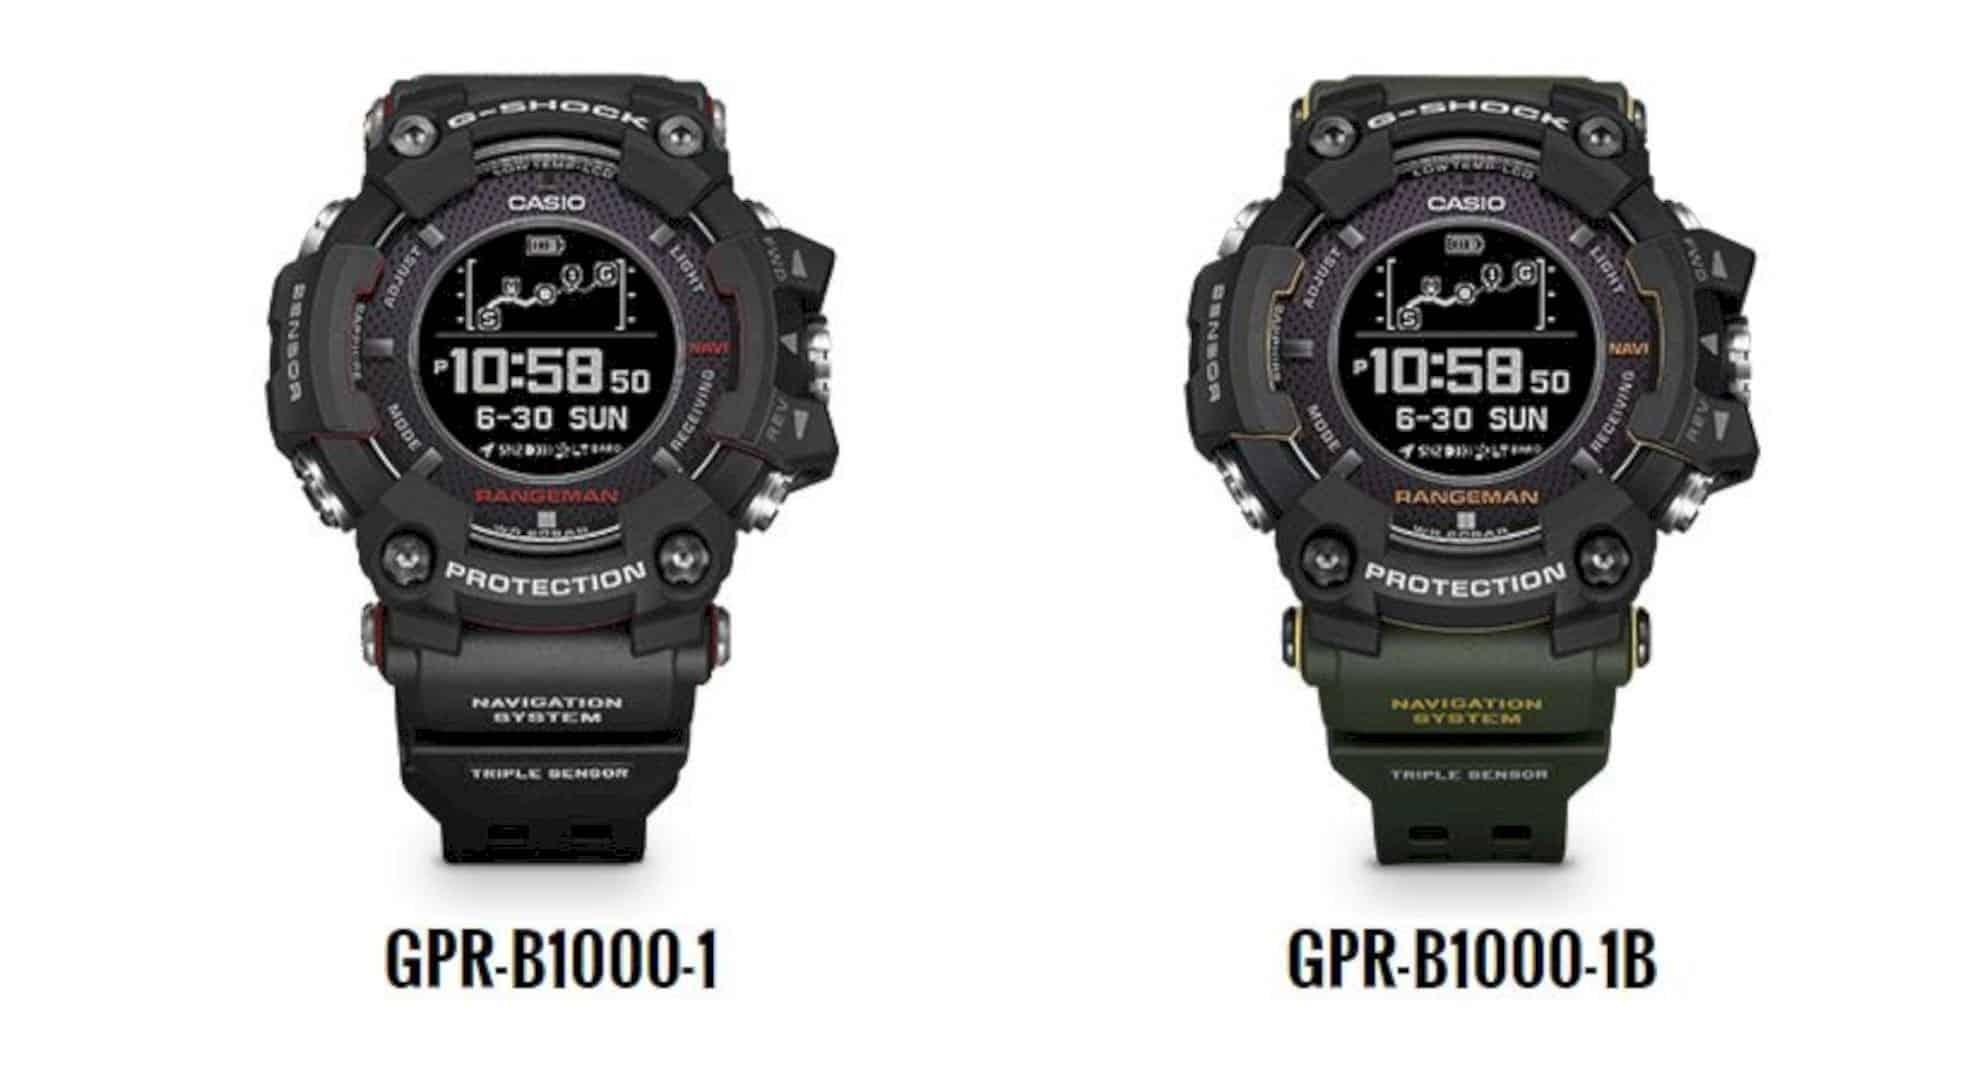 GPR B1000 Watch 12